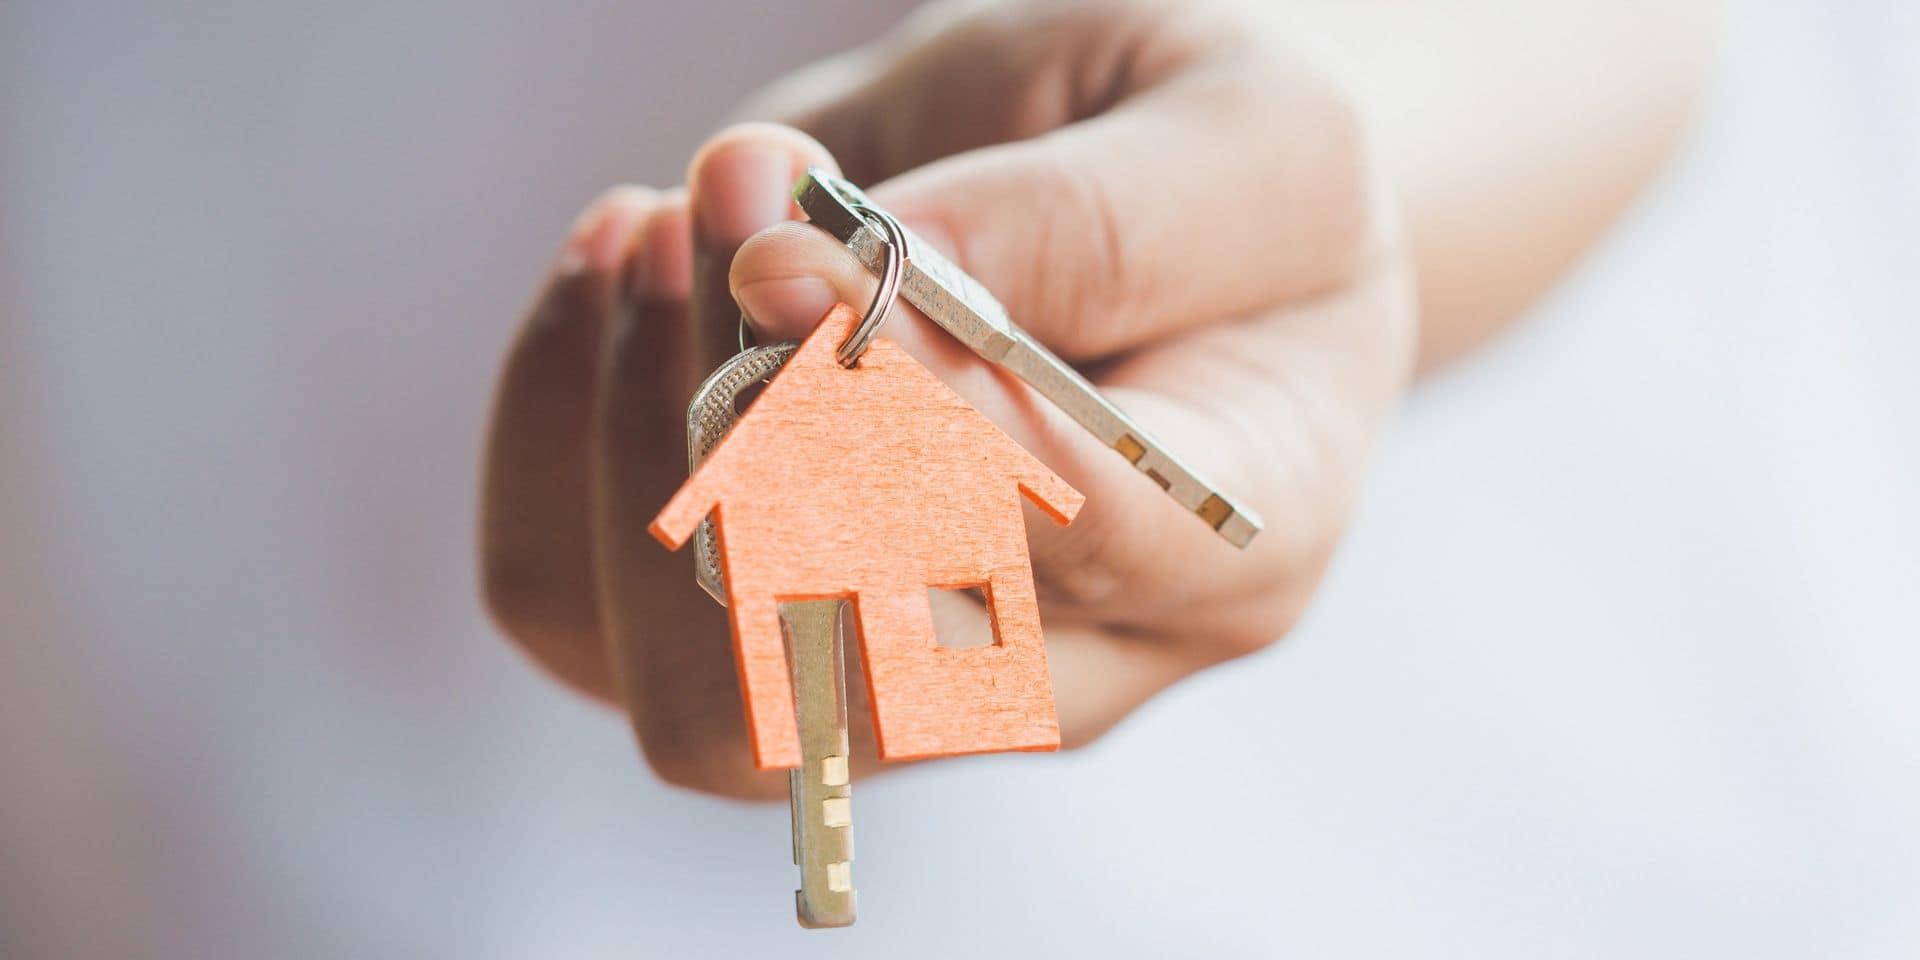 Jusqu'à 40 % de transactions immobilières en moins fin mars, mais sans impact sur les prix